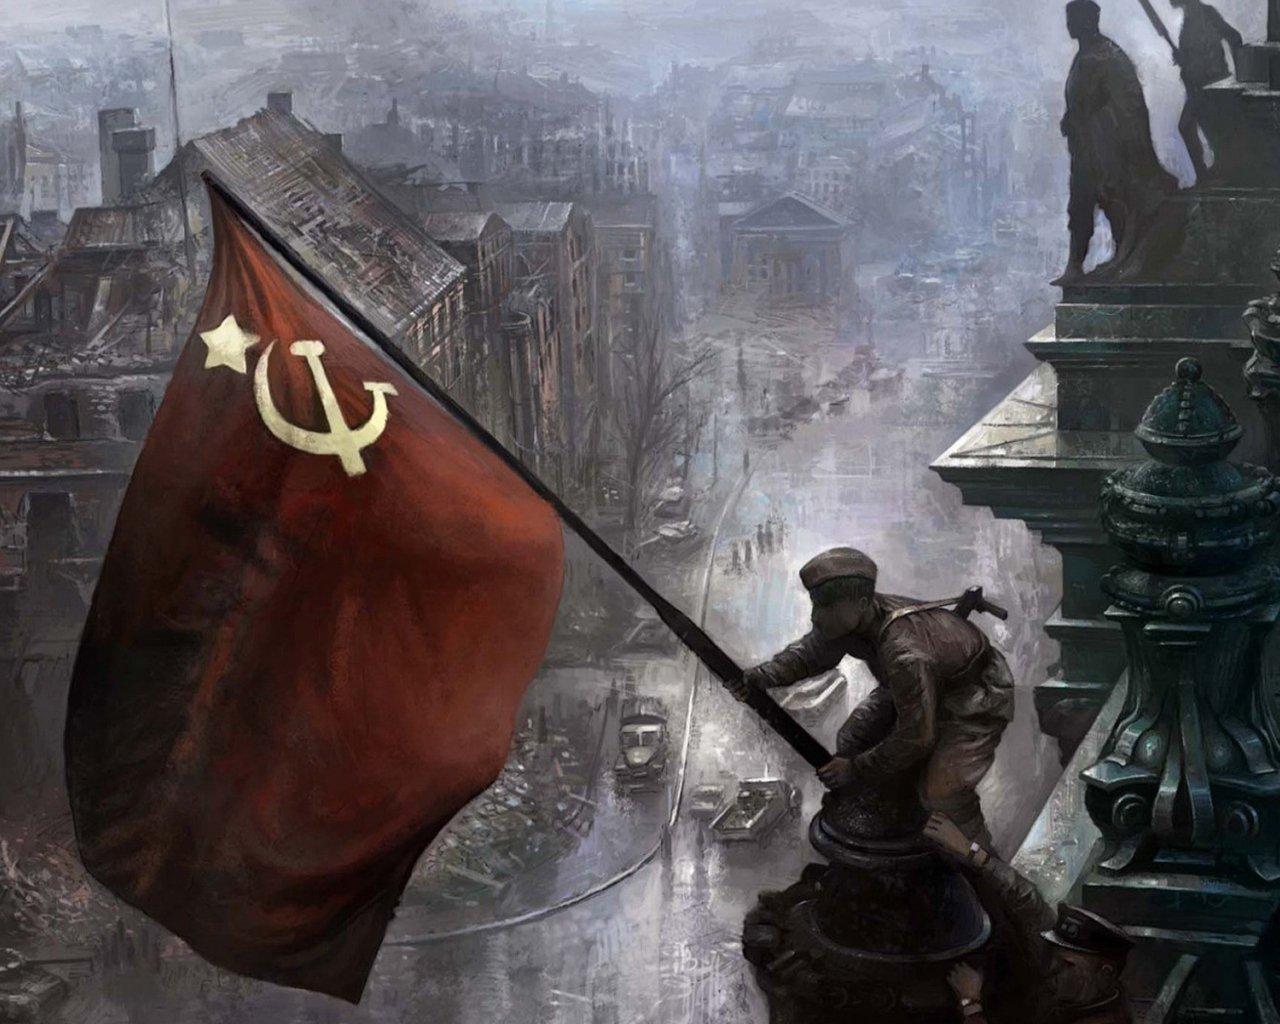 Русские слишком много всем прощали. Прощали ценой своей жизни.